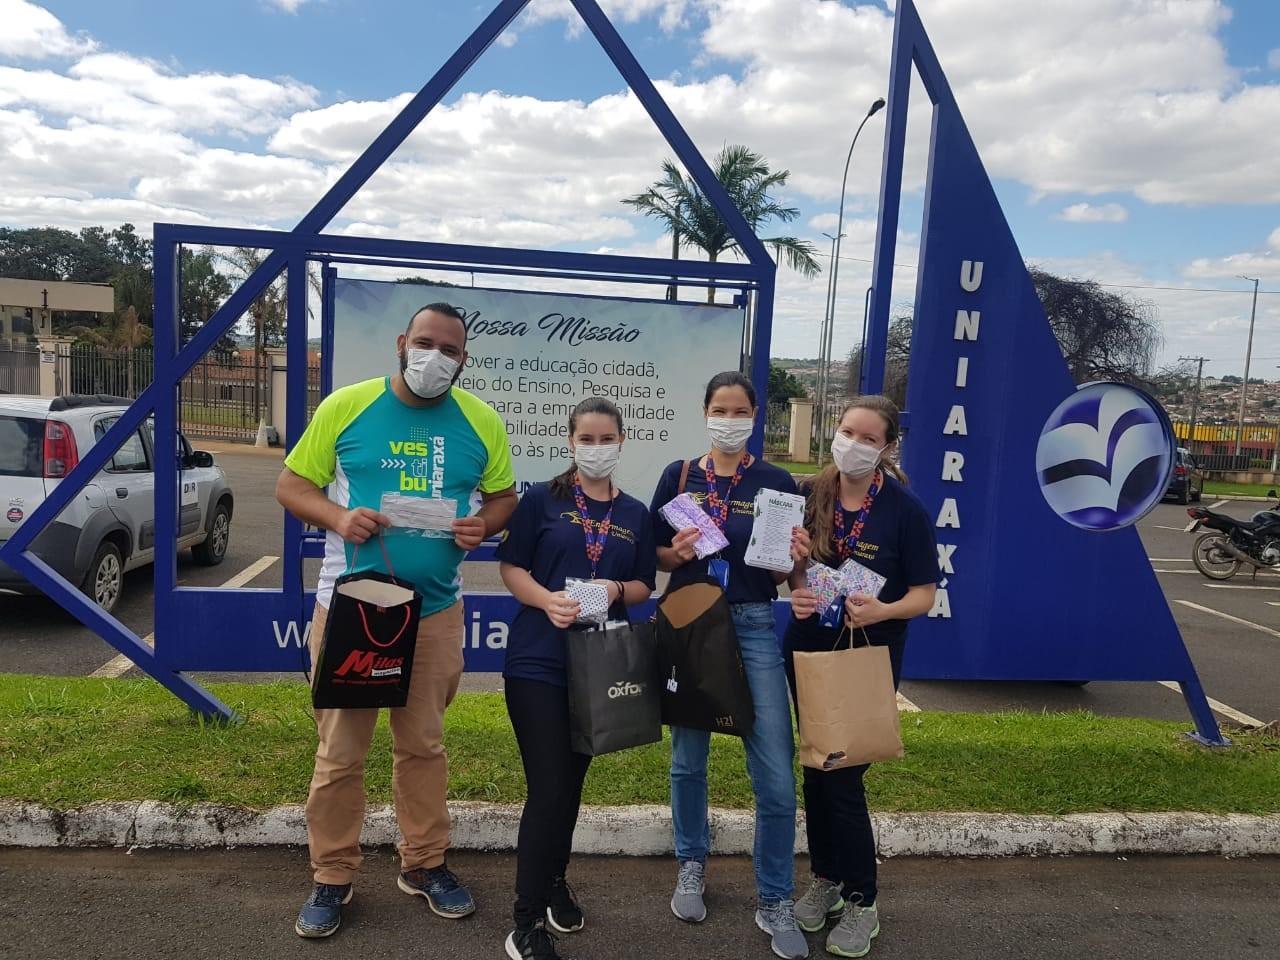 Projeto UNIARAXÁ Promovendo Saúde realizou ao longo do mês de Abril várias ações em prol da comunidade de Araxá